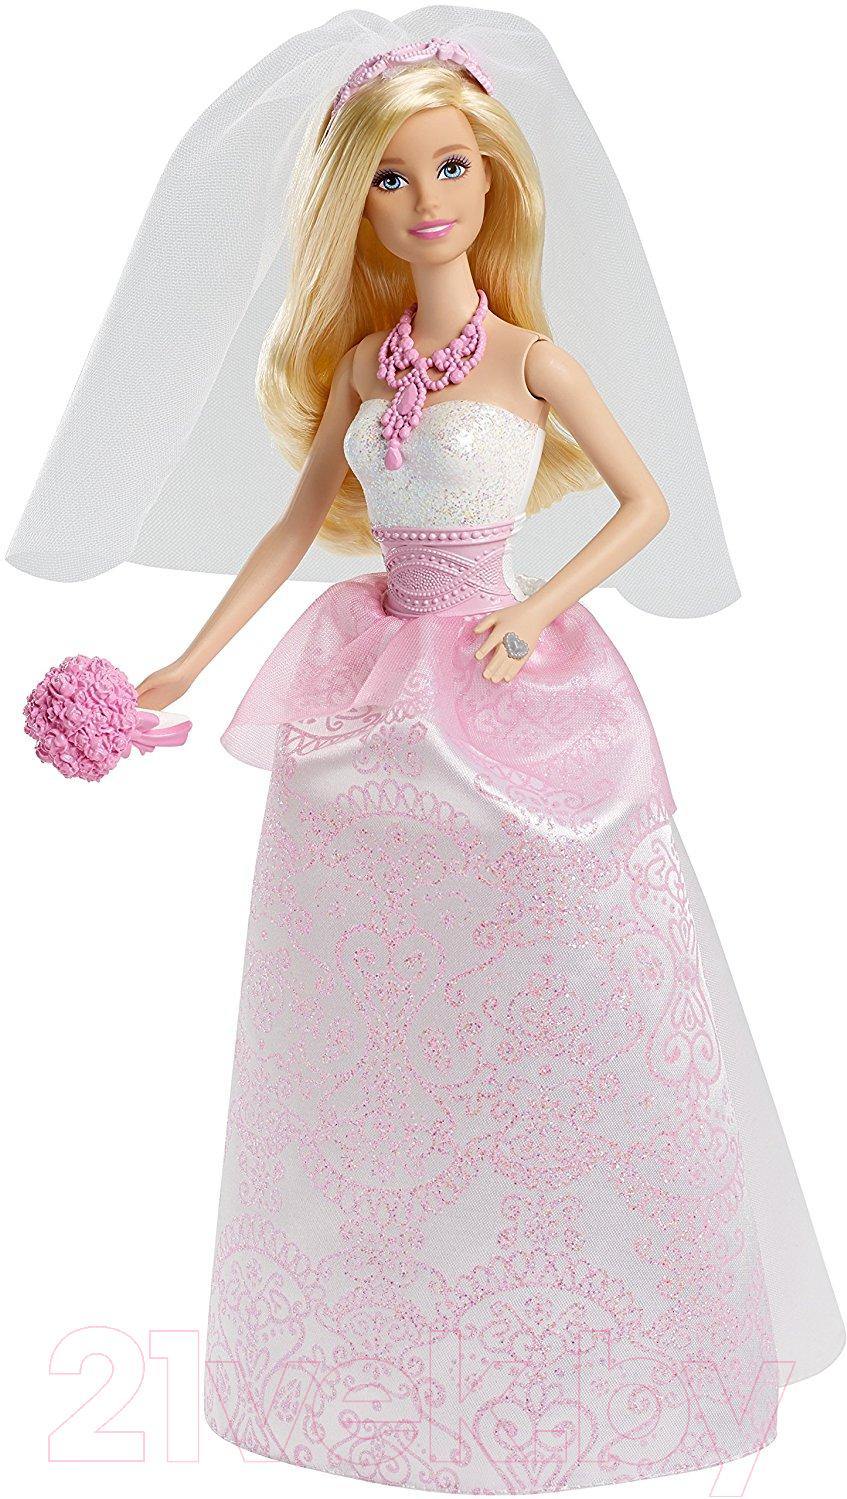 Купить Кукла Barbie, Невеста / CFF37, Китай, пластик